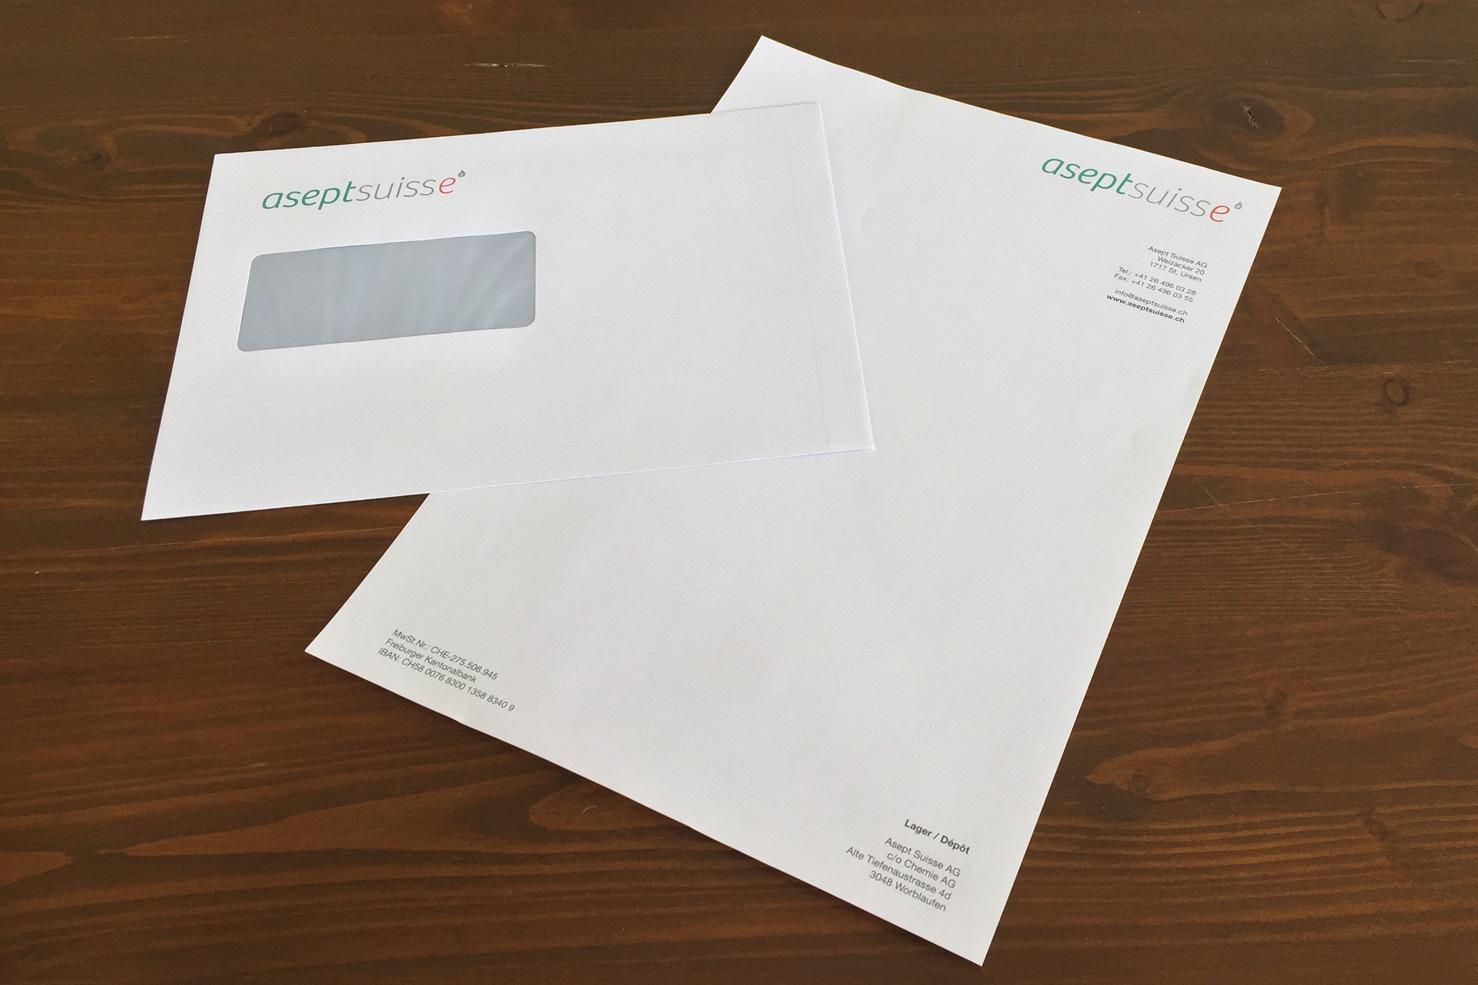 Bild 2 vom Asept Suisse AG Grafikdesign